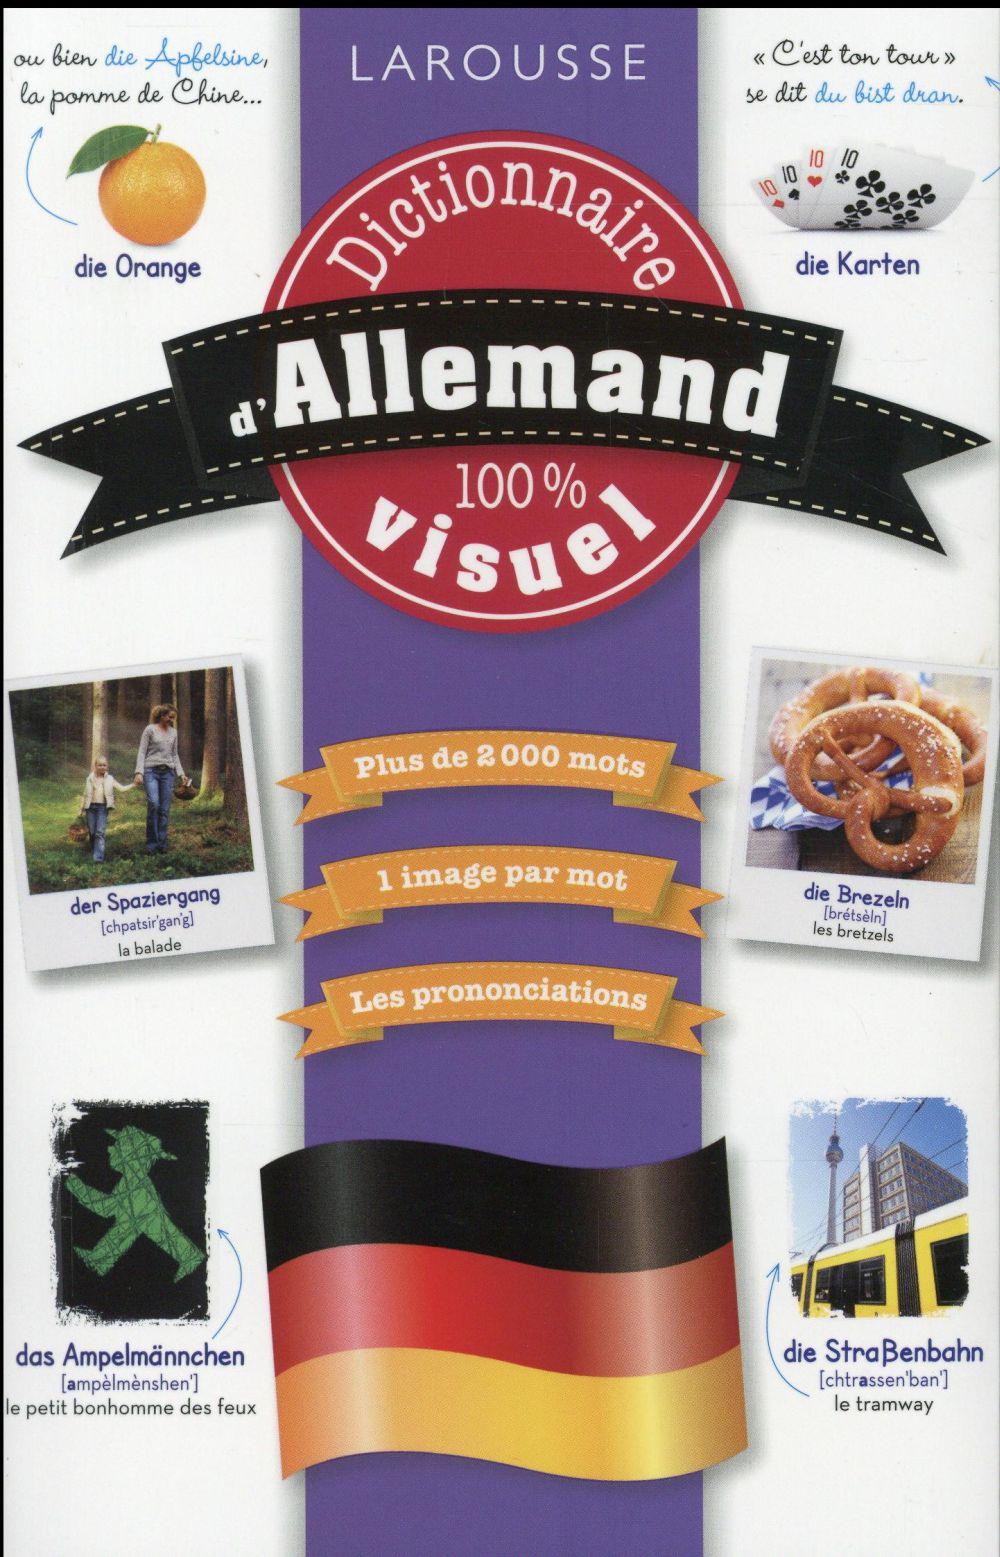 Dictionnaire visuel francais-allemand